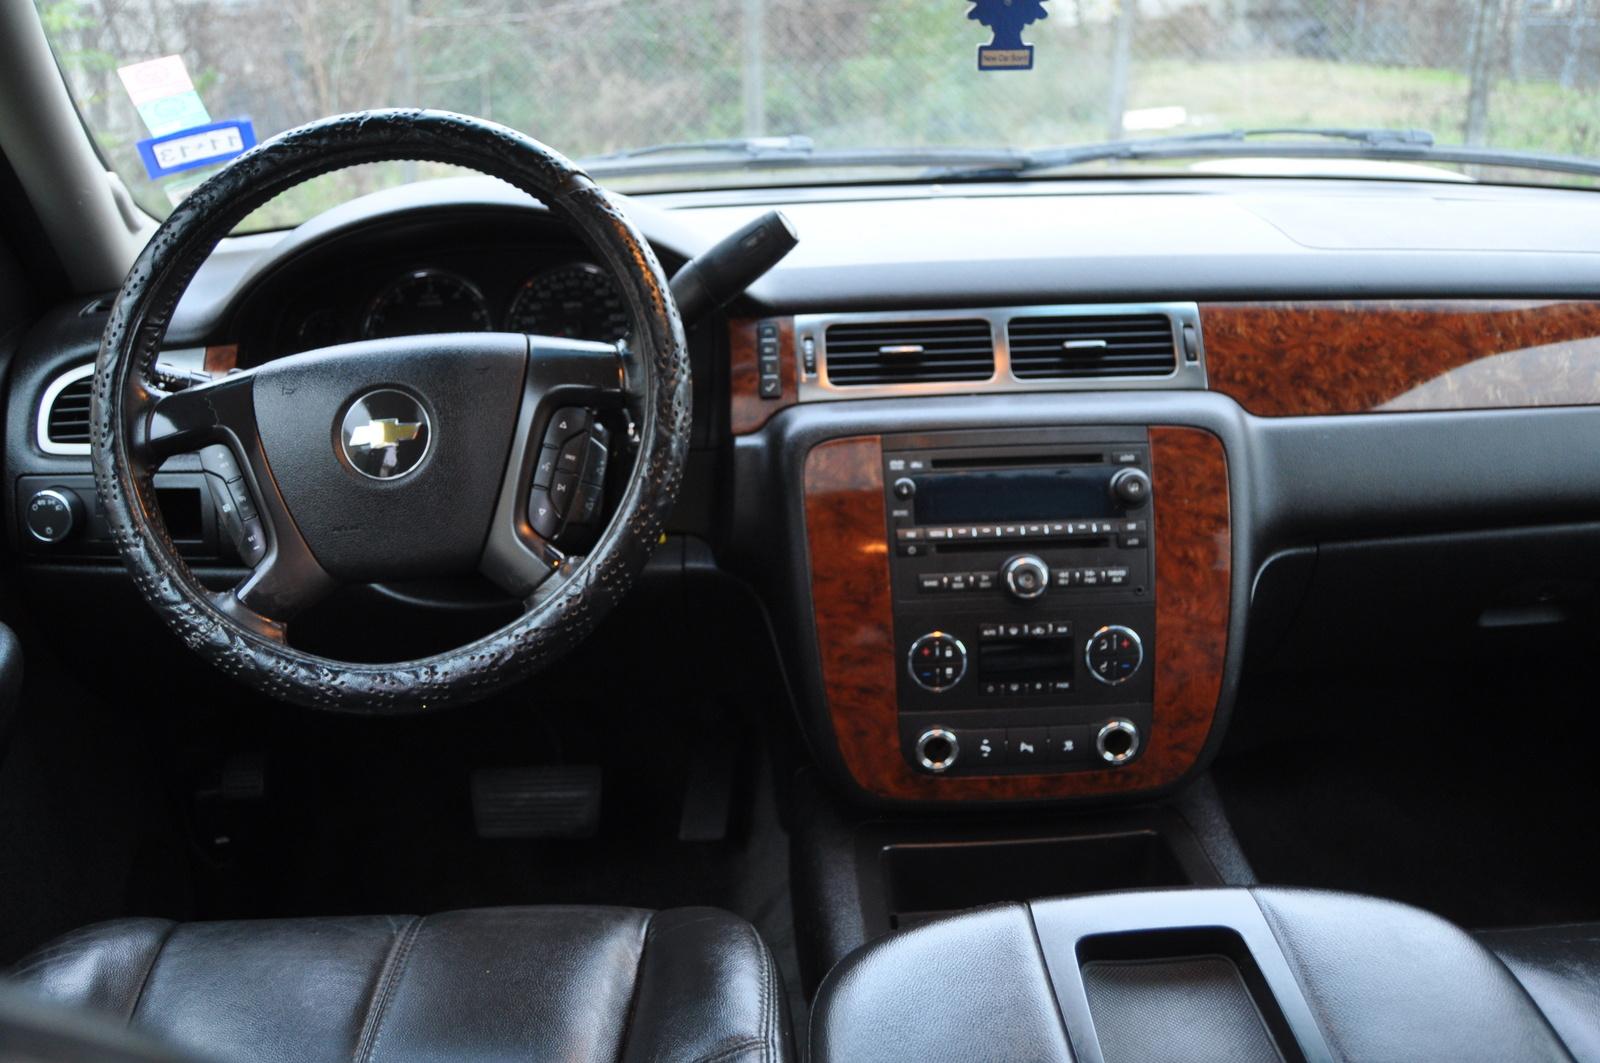 2007 Chevrolet Tahoe - Pictures - CarGurus